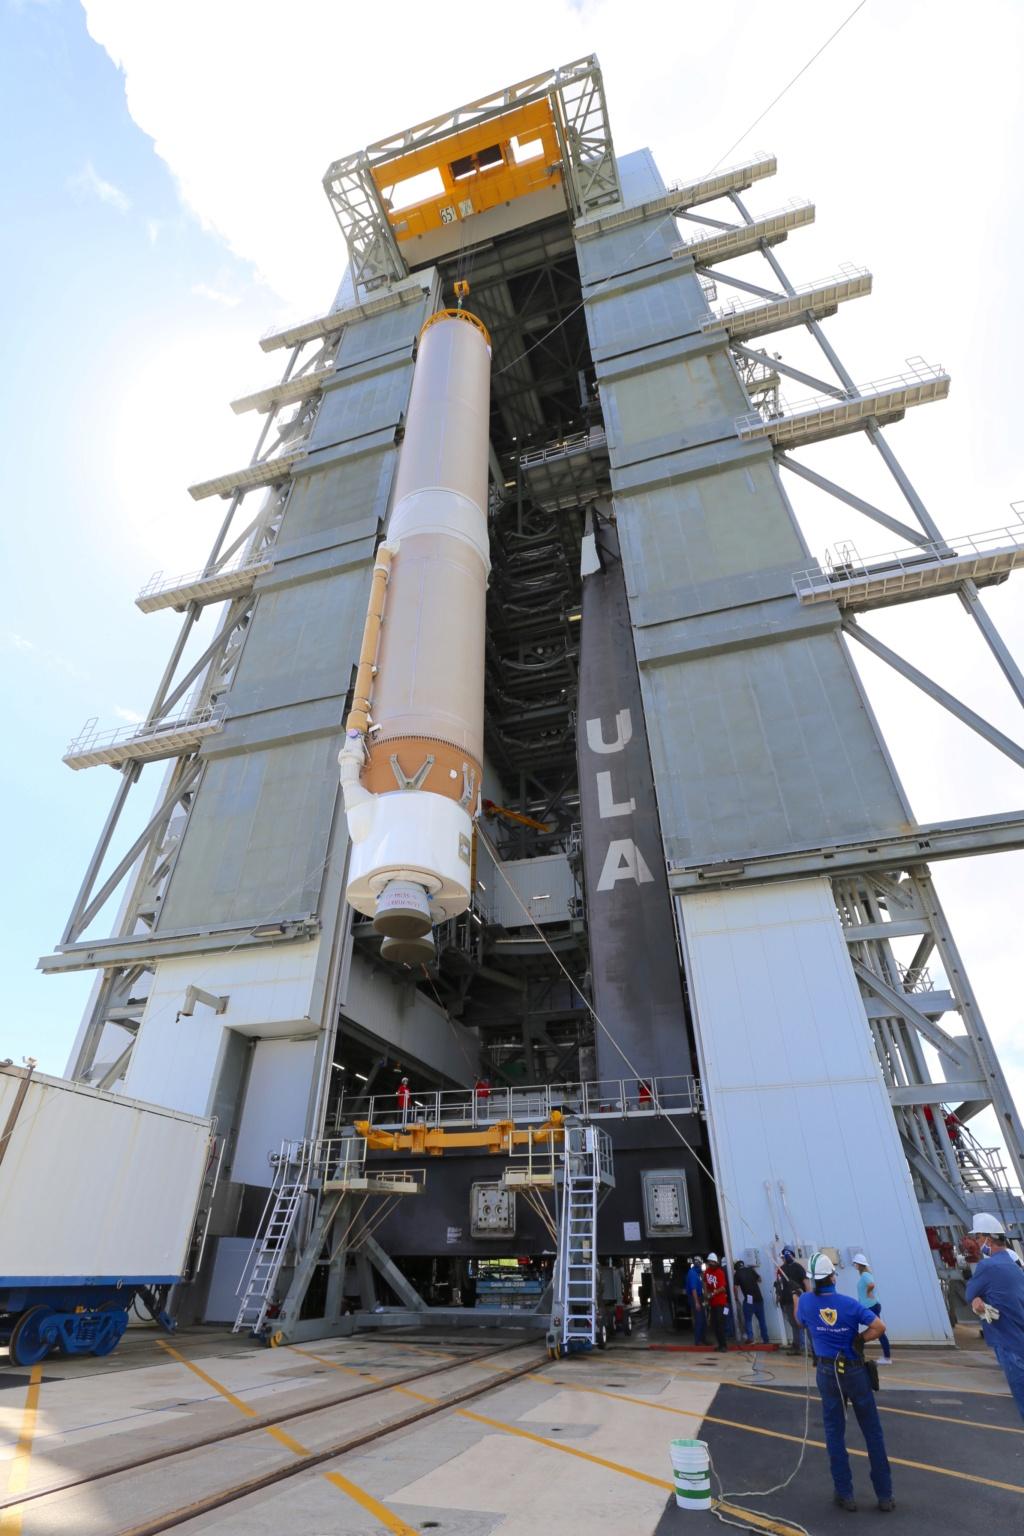 Atlas V 531 (NROL-101) - 13.11.2020 3193